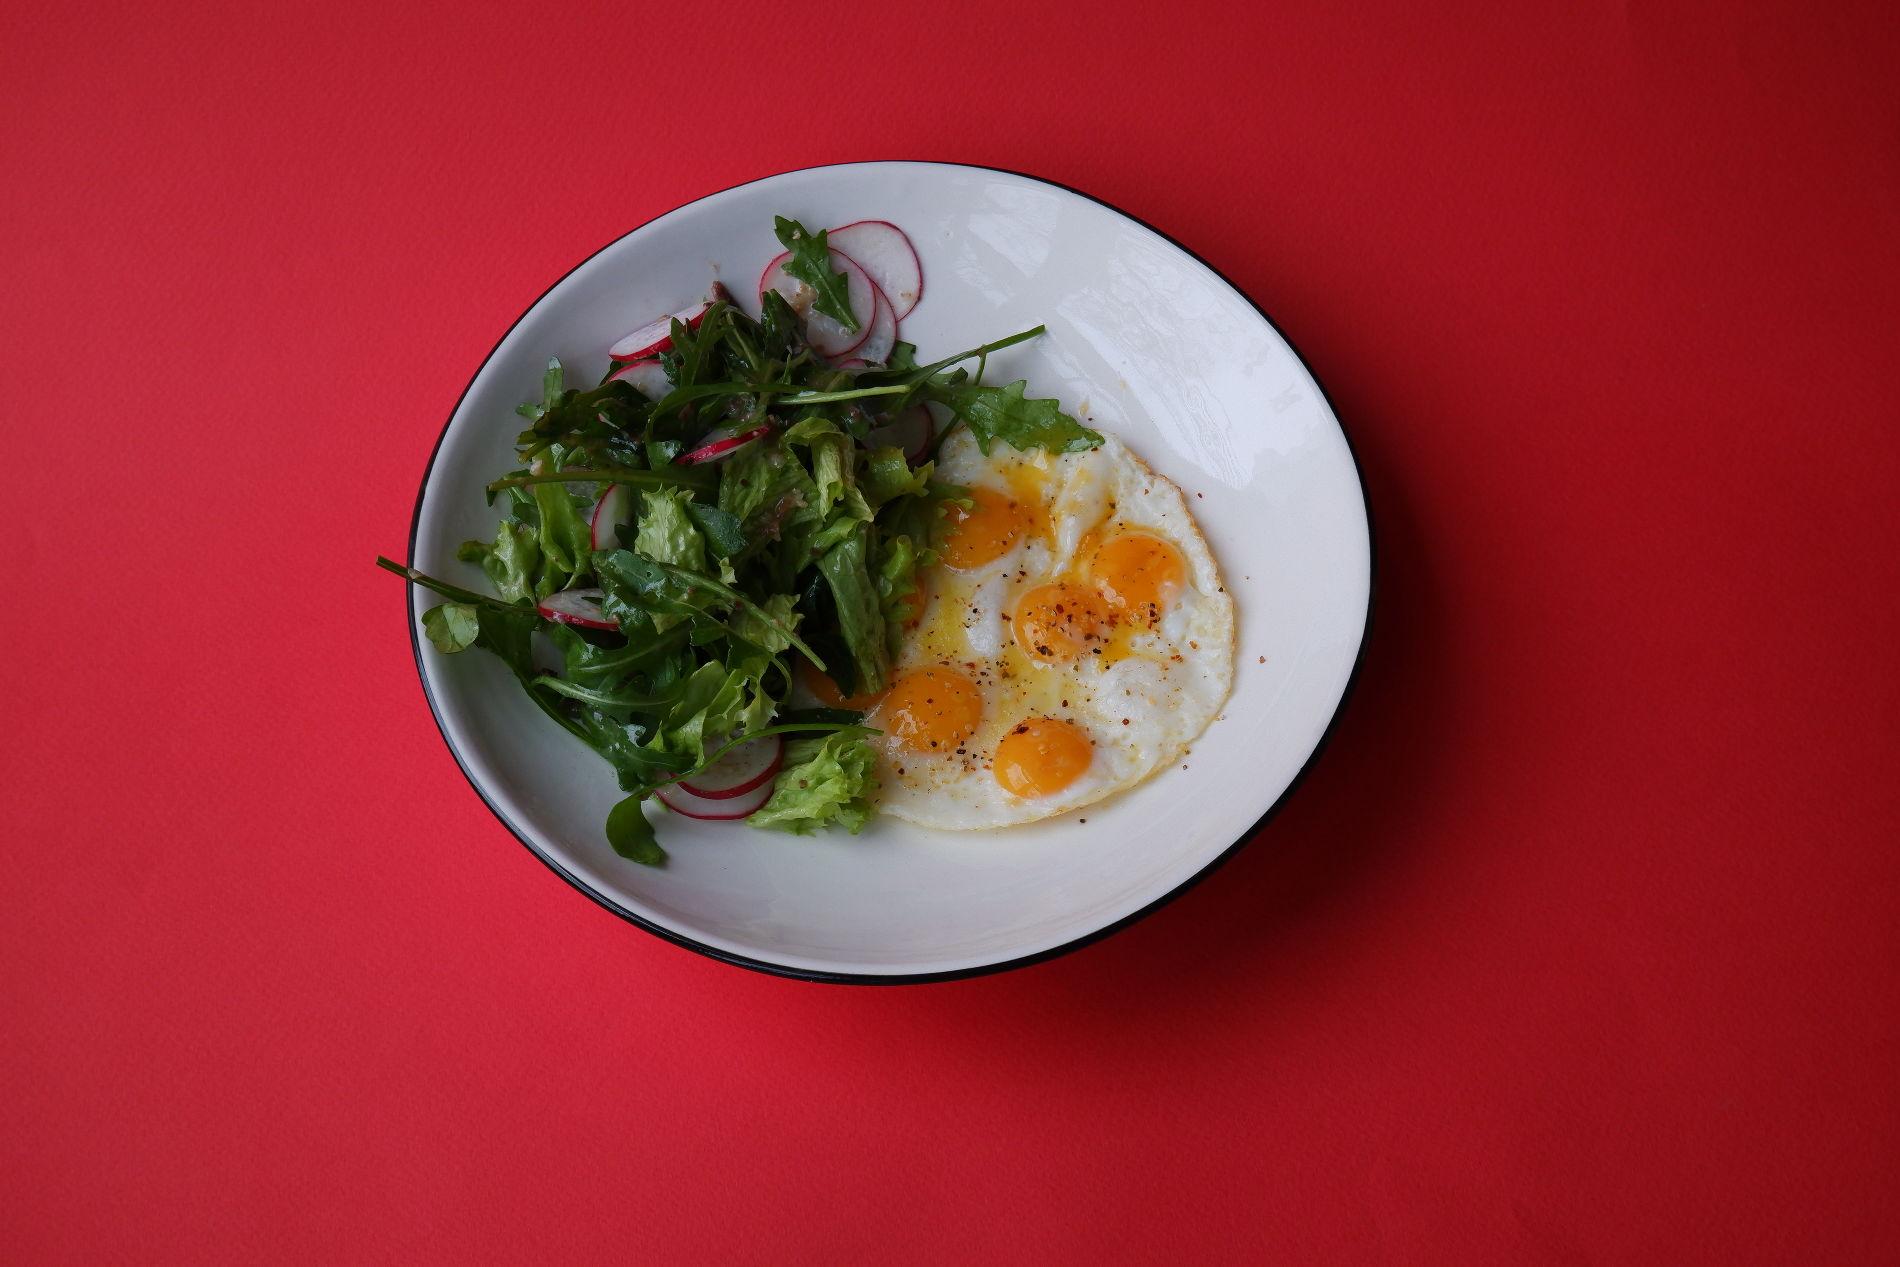 Глазунья из перепелиных яиц ©Фото предоставлено PR-службой Mr. Drunke Bar